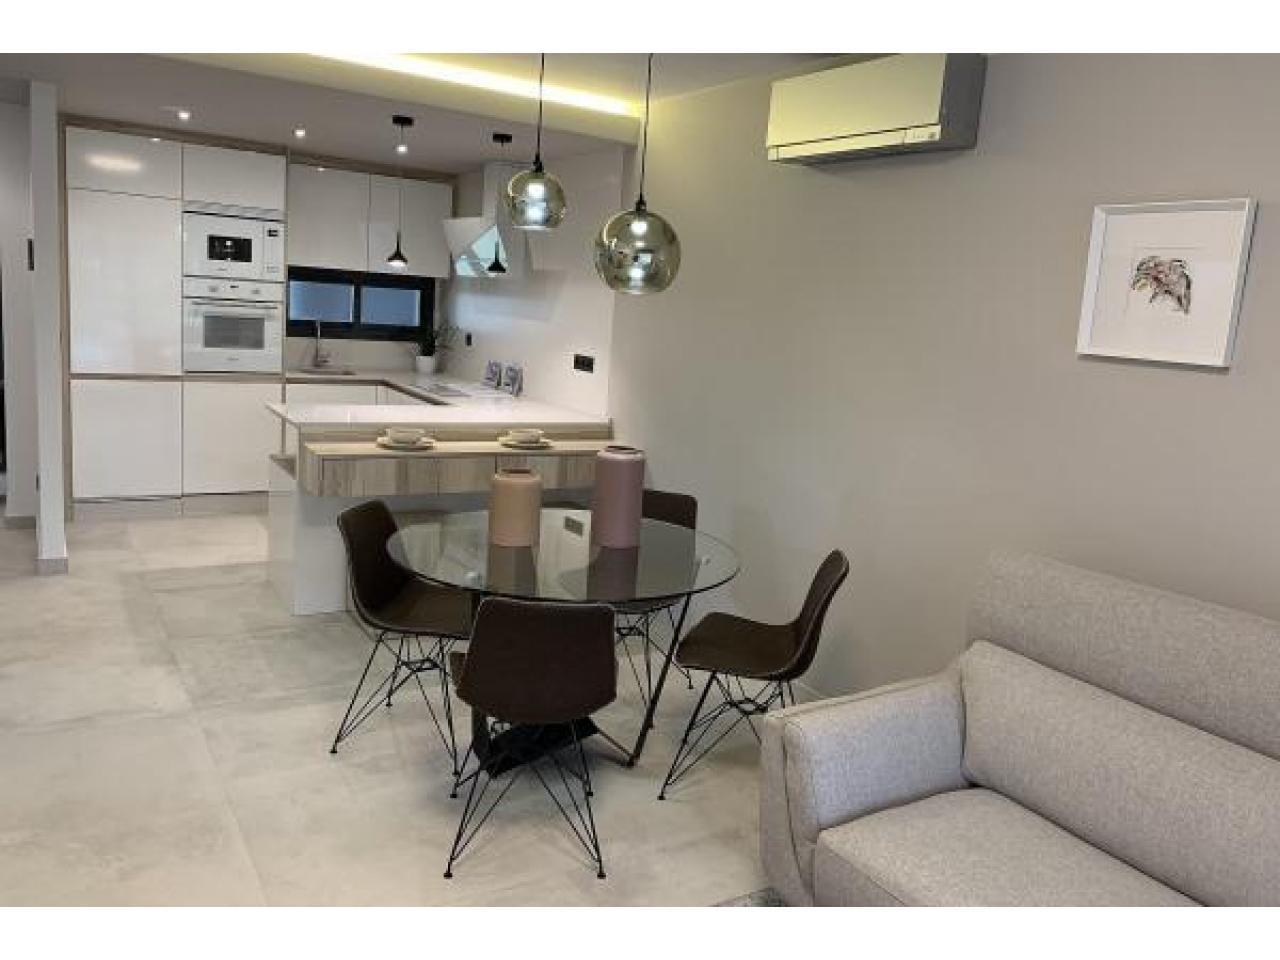 Недвижимость в Испании, Новые квартиры от застройщика в Гуардамар,Коста Бланка,Испания - 6